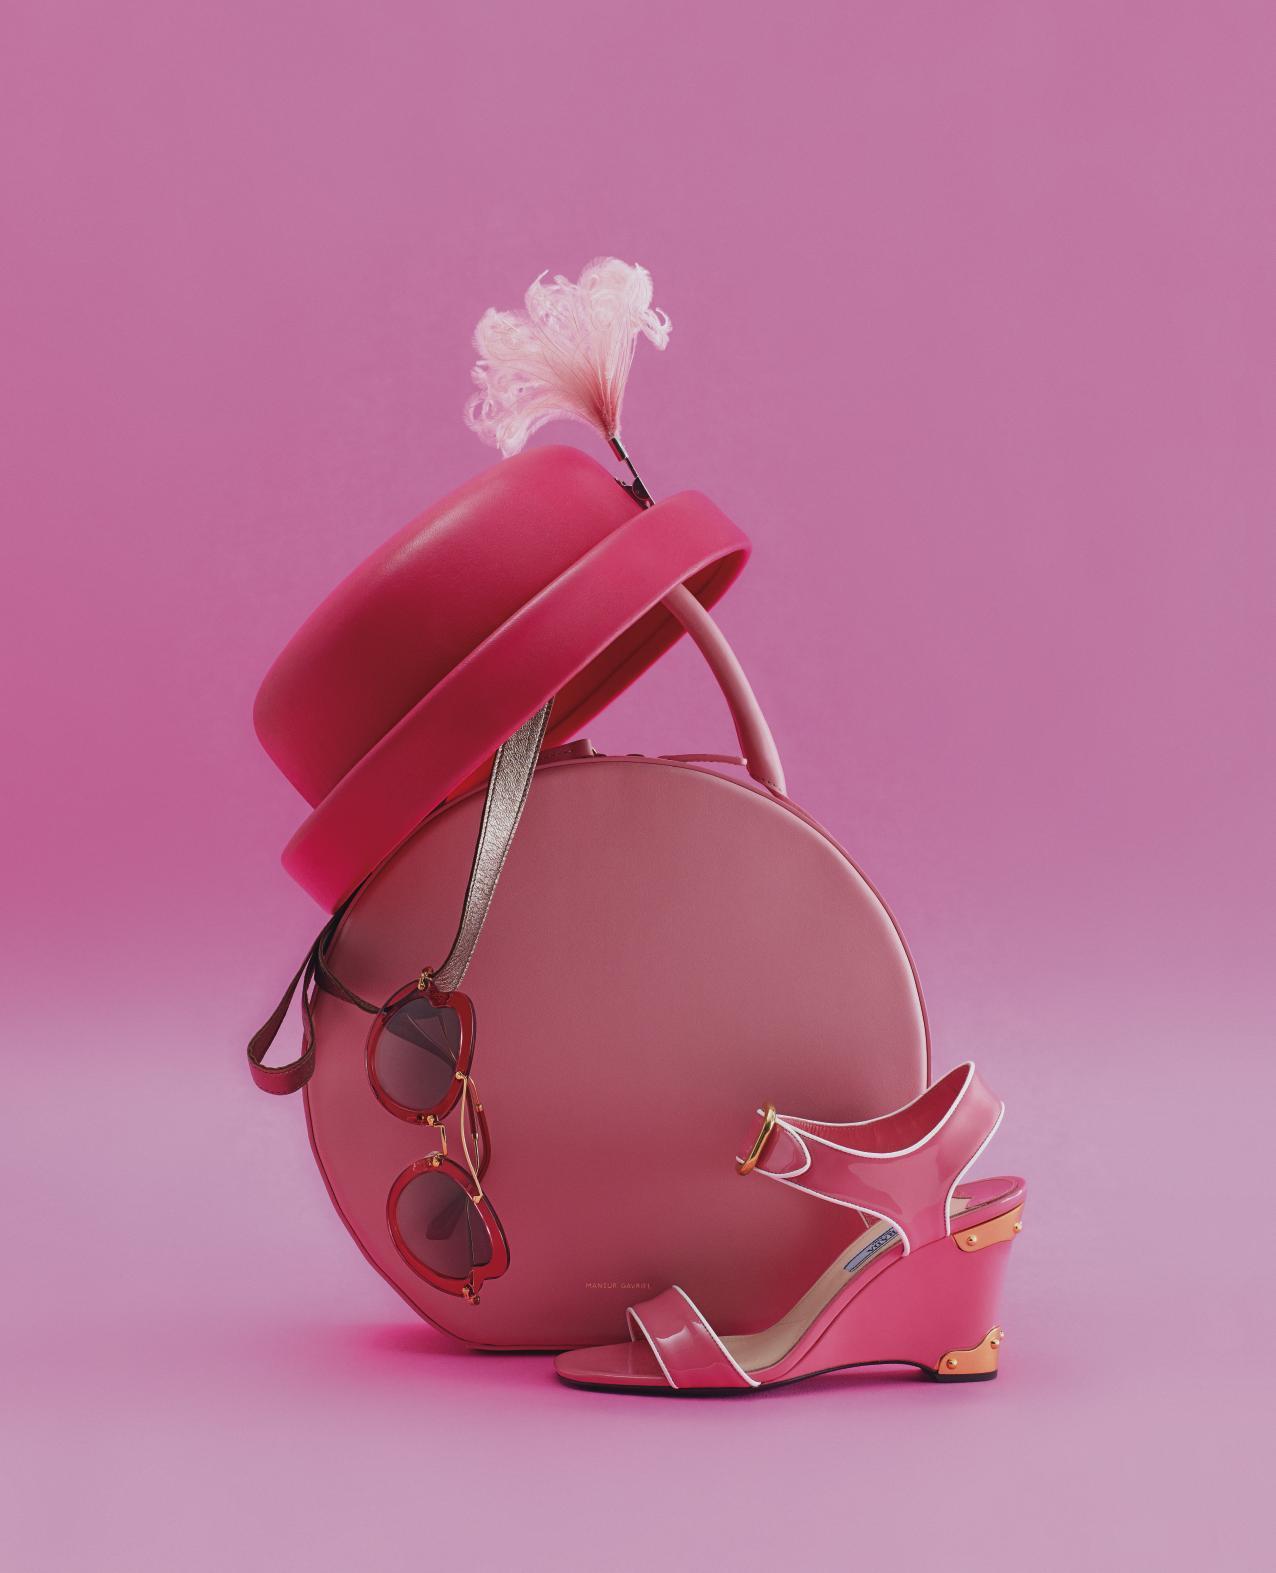 딸기 우유를 연상시키는 베이비 핑크부터 차분한 더스티 핑크, 강렬한 핫핑크까지. 다채로운 핑크 컬러로 음울한 가을에 생기를 더할것.